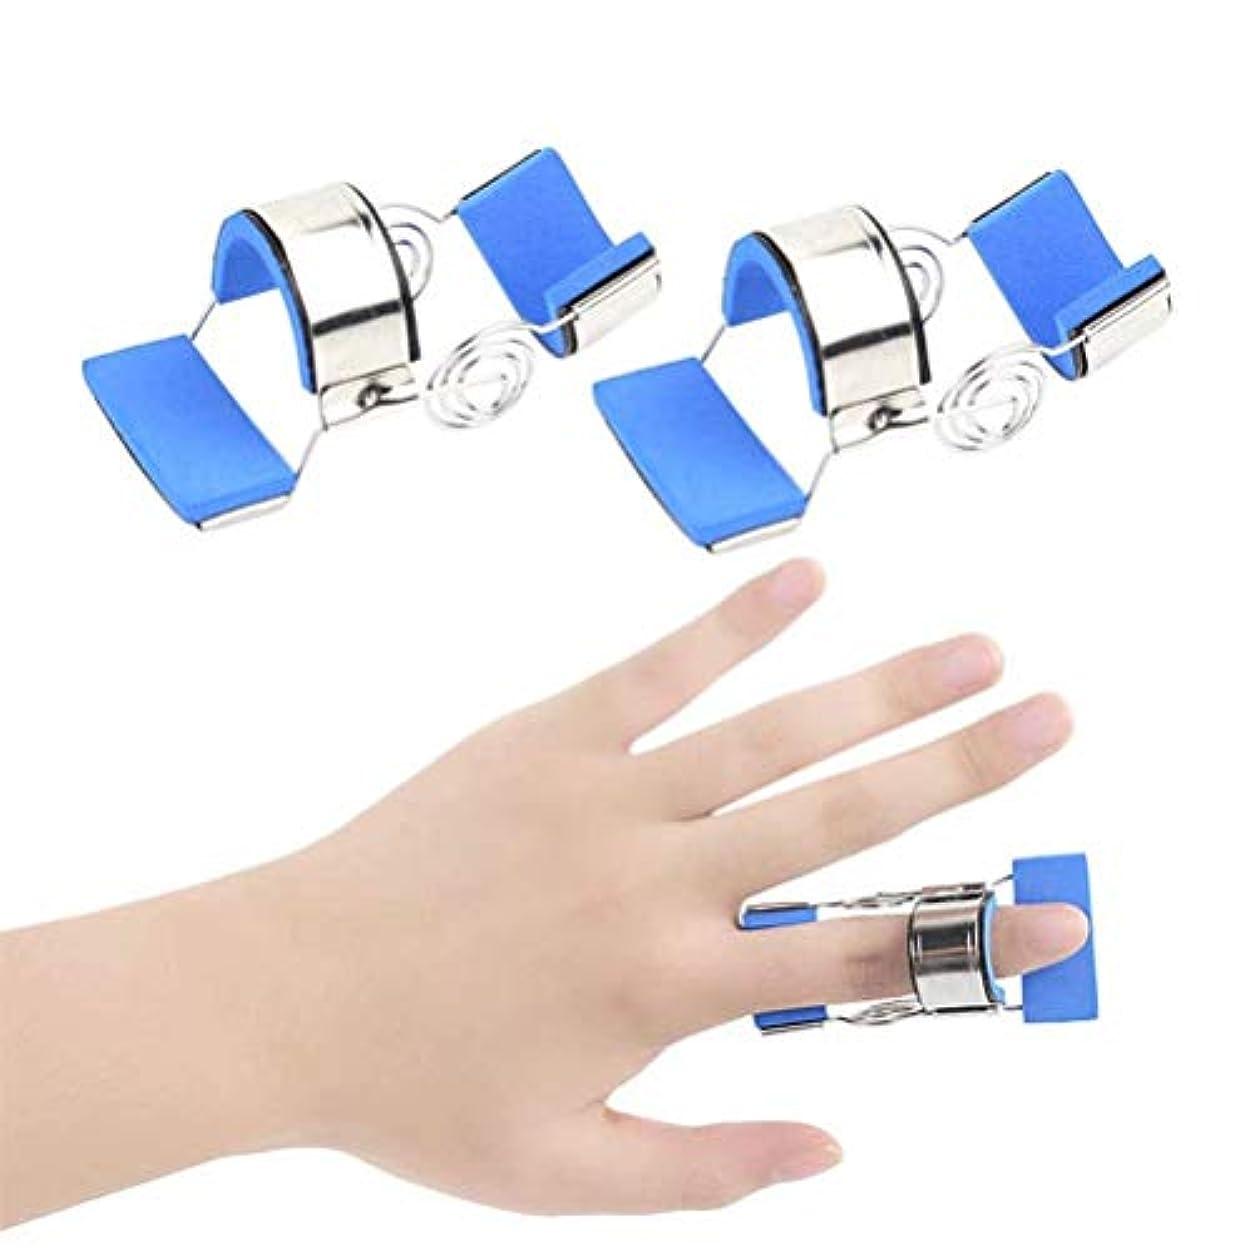 ハシー丈夫ブロッサムブレースガードプロテクターリハビリトレーニングデバイス-Buleを矯正指の変形や破損ダイナミック指スプリント指ナックル固定化、指用の指のトレーニングデバイスフィンガースプリント (Size : L)